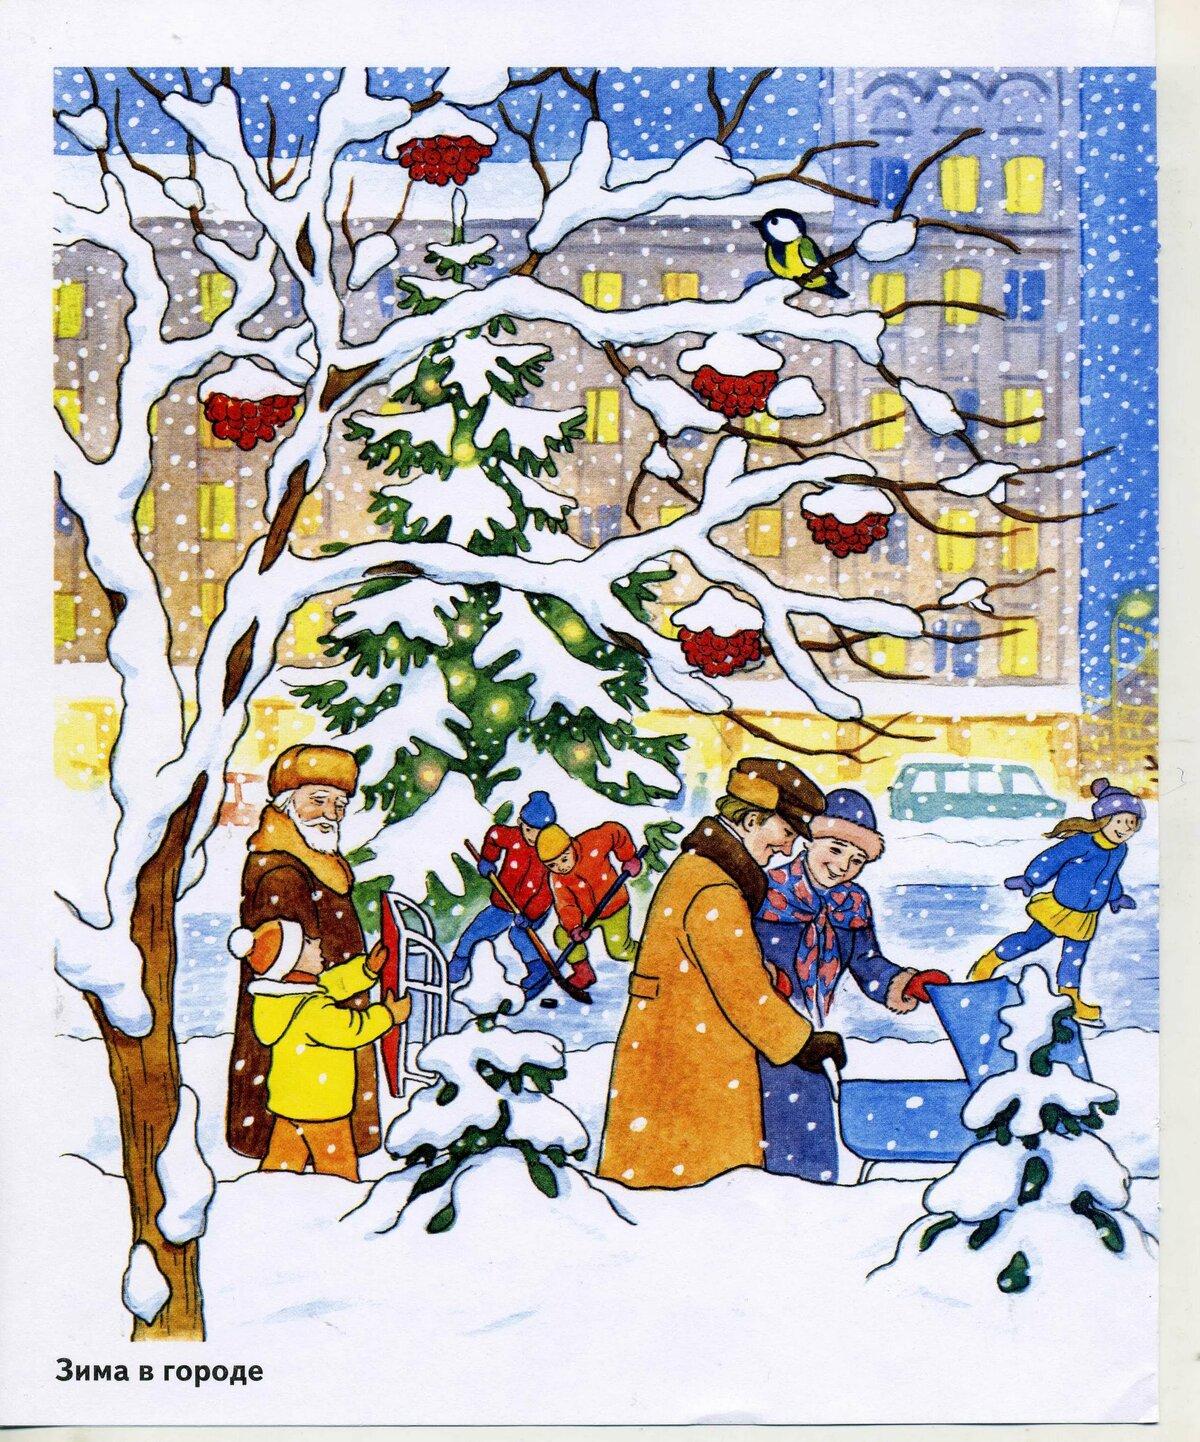 Зима сюжетные картинки для детского сада